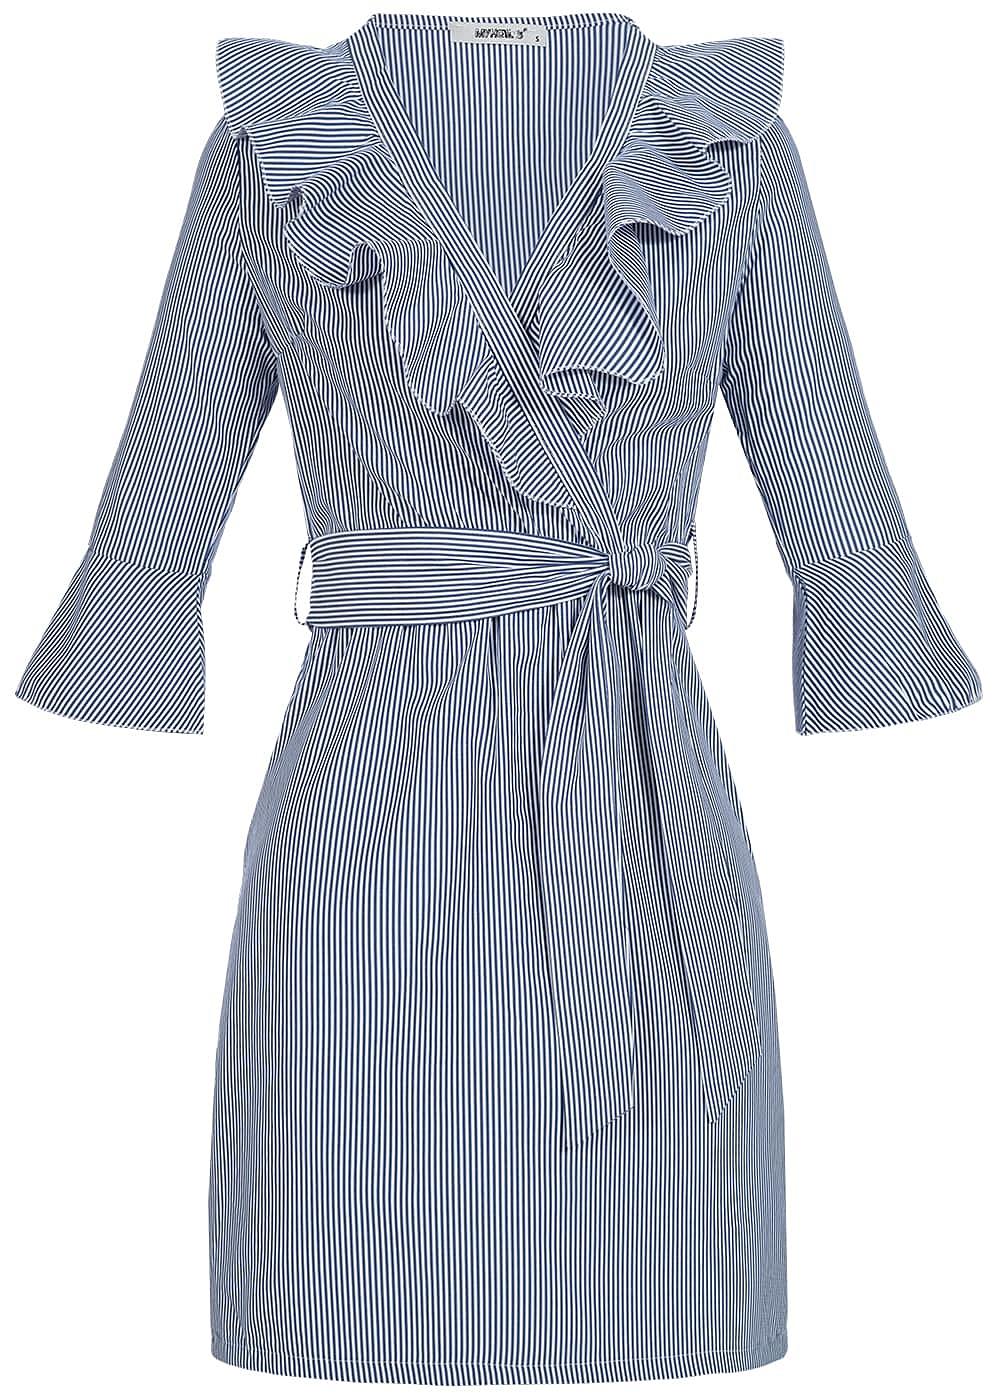 Erfreut Blau Und Weiß Partykleid Fotos - Hochzeit Kleid Stile Ideen ...